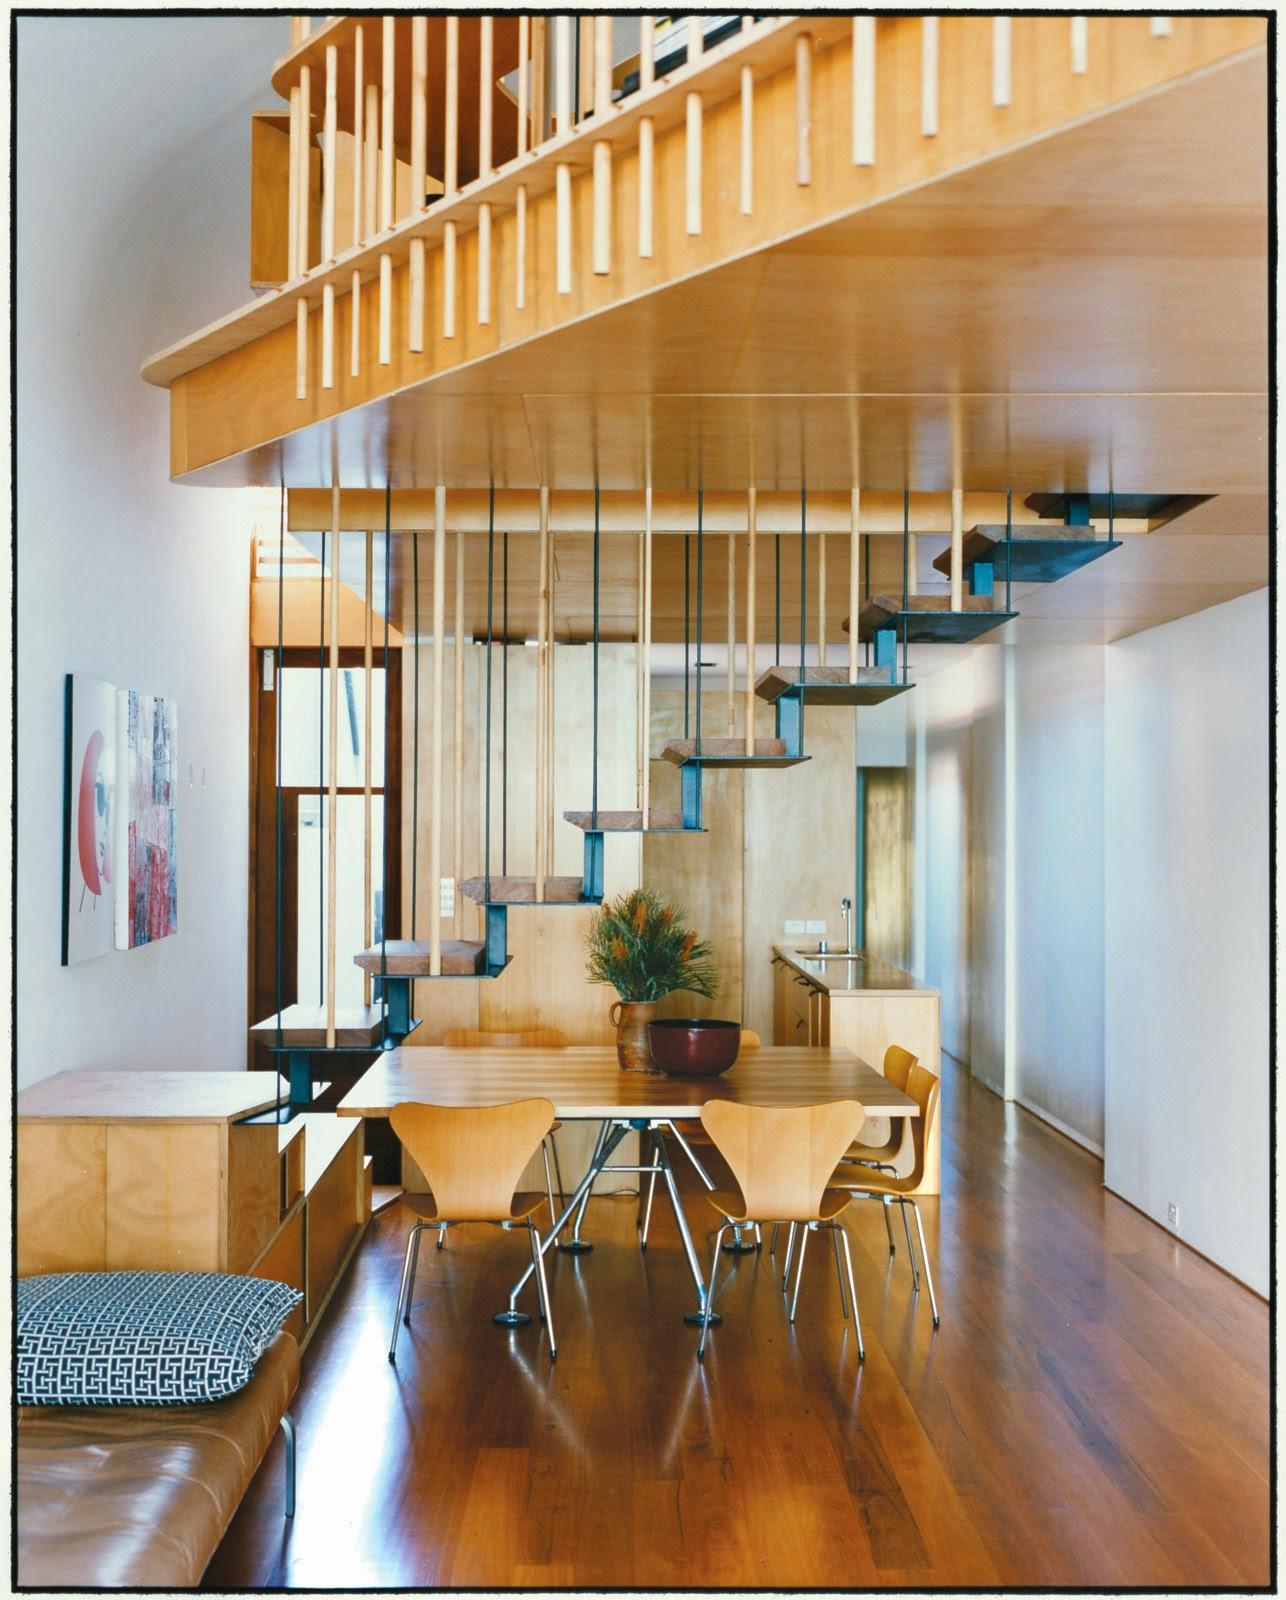 Holz plus Design fertig ist das Minimalismus Haus in Le Corbusier bzw. Bauhaus Stil